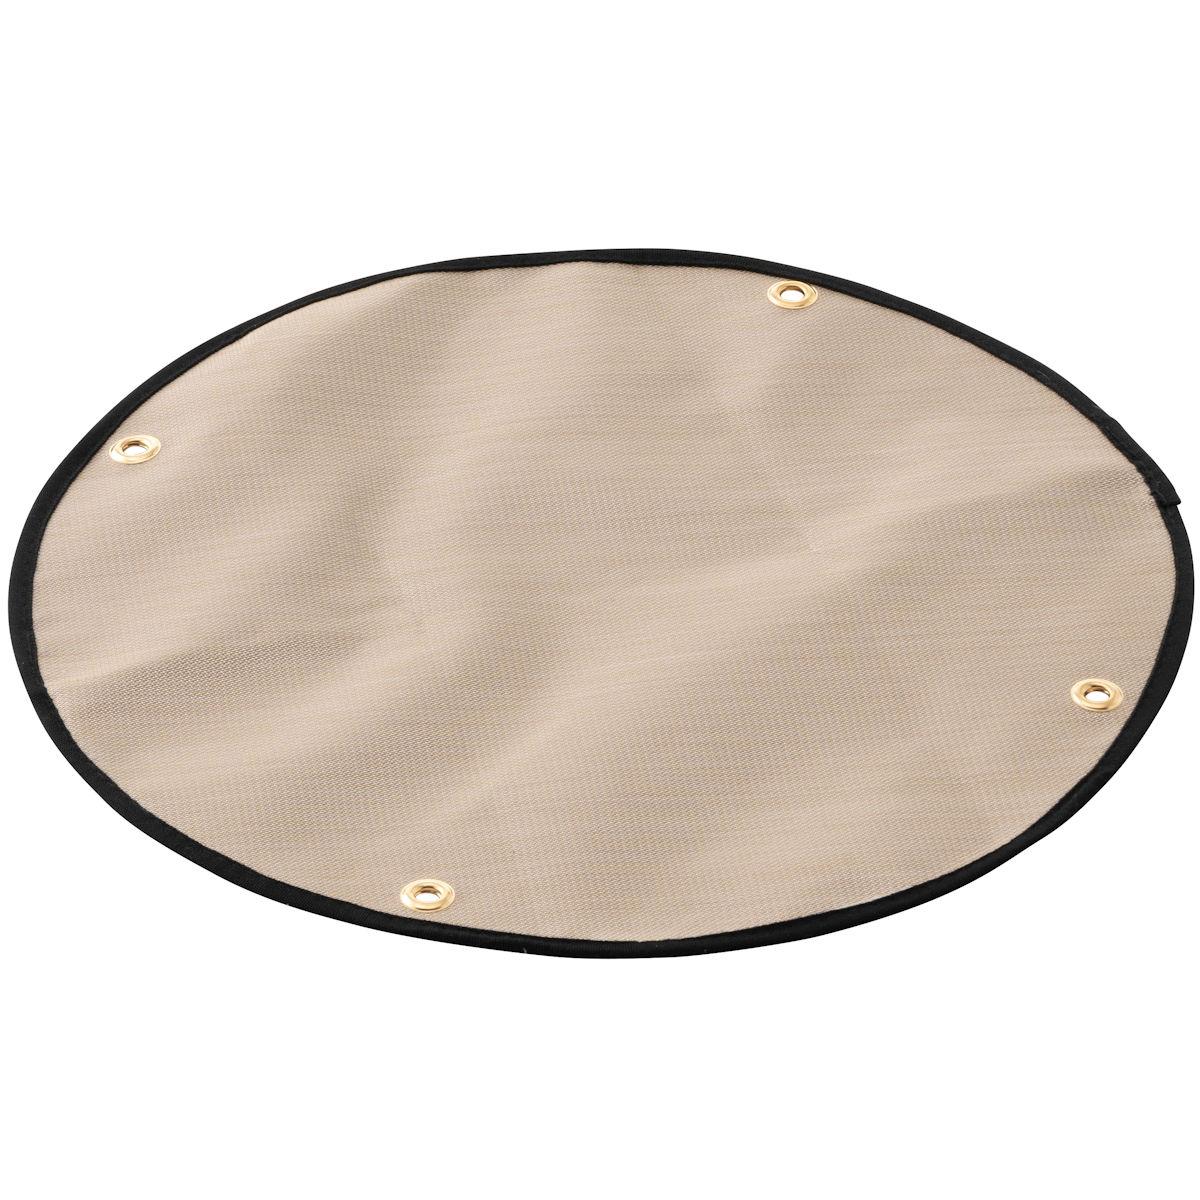 ストーブテーブル 耐火・断熱シート